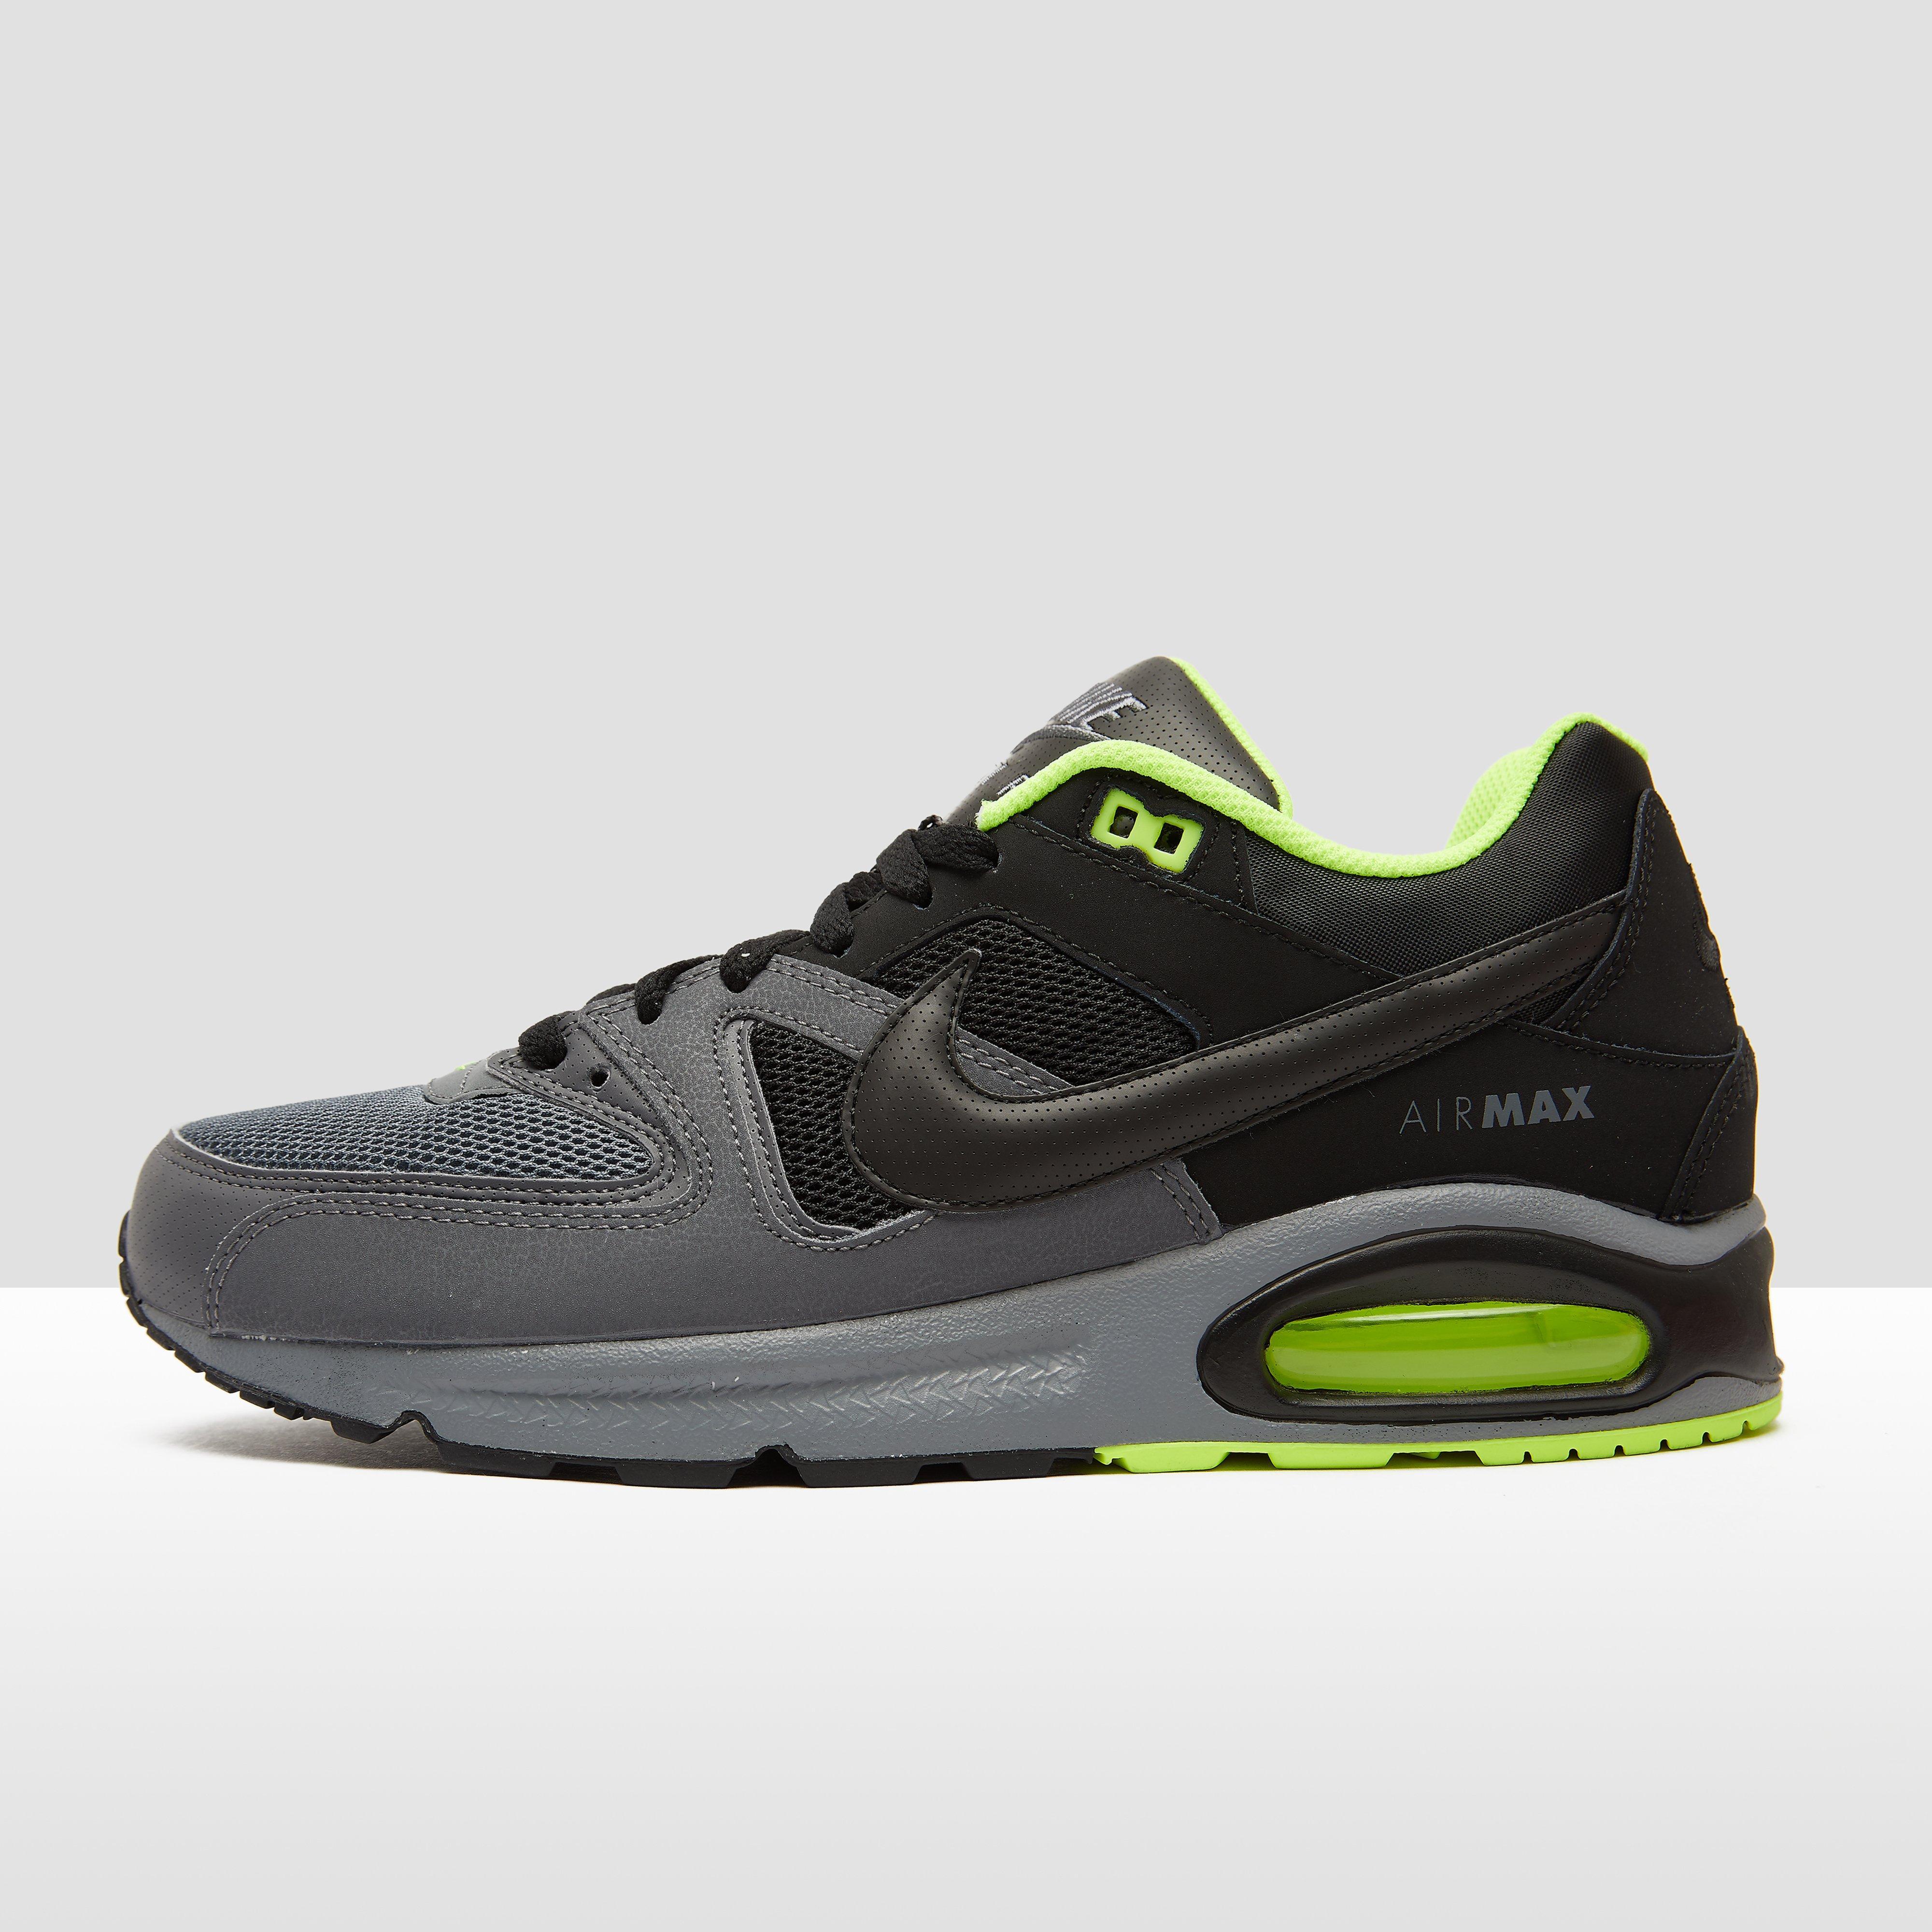 d05616f5e3f sportschoenen jordan nike air max zwart groen